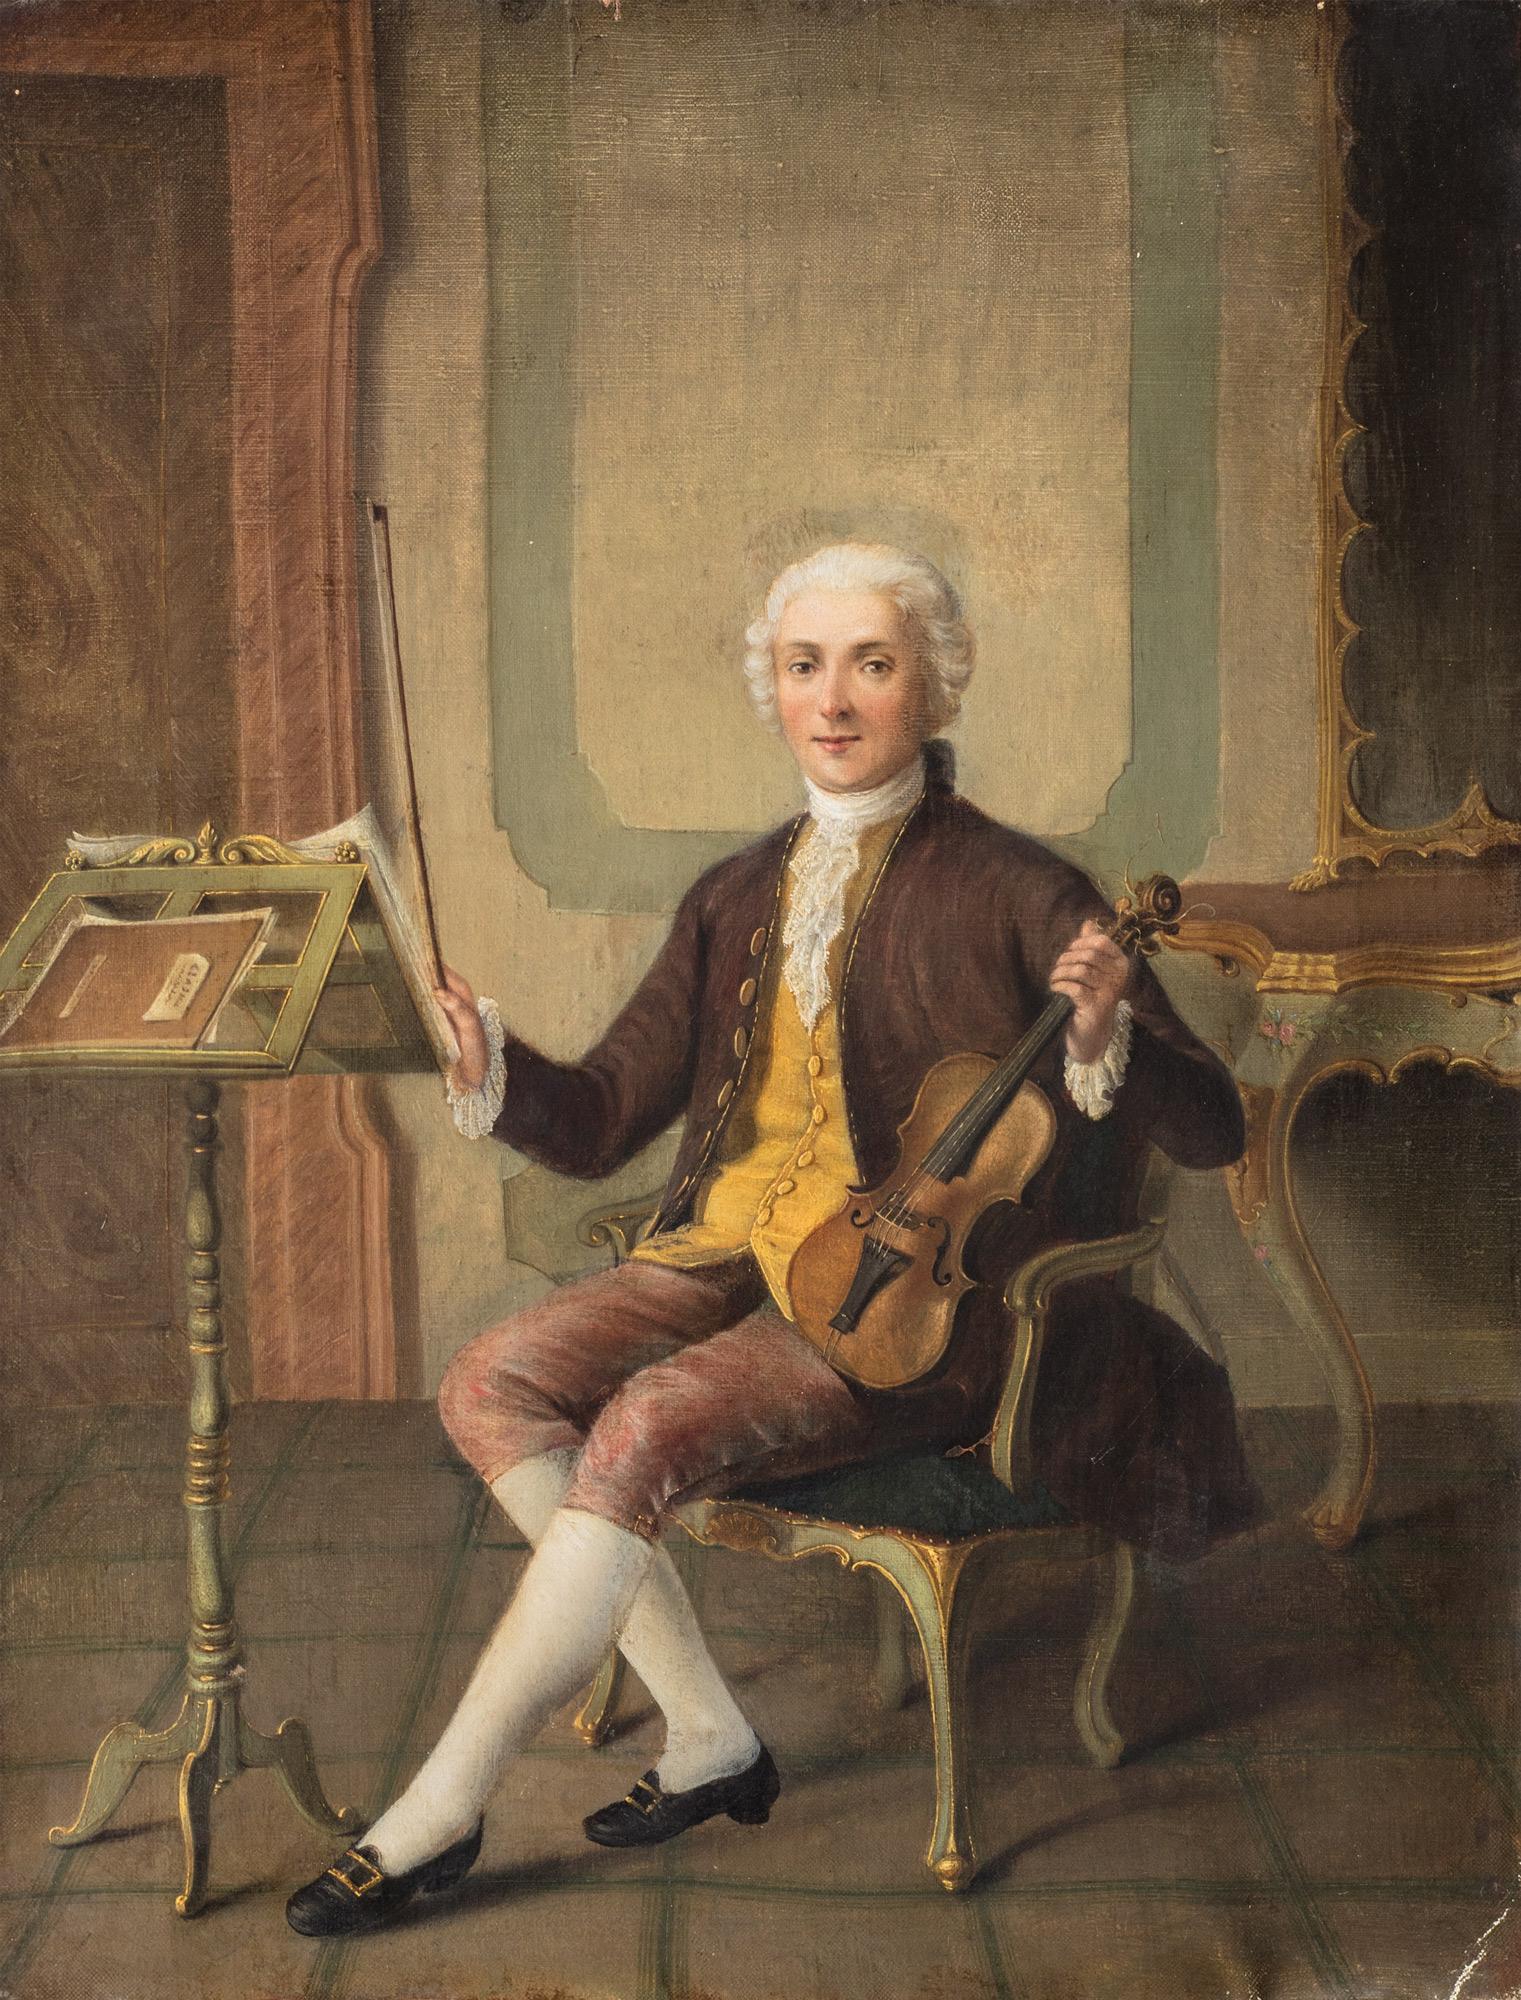 Ritratto di violinista in un interno